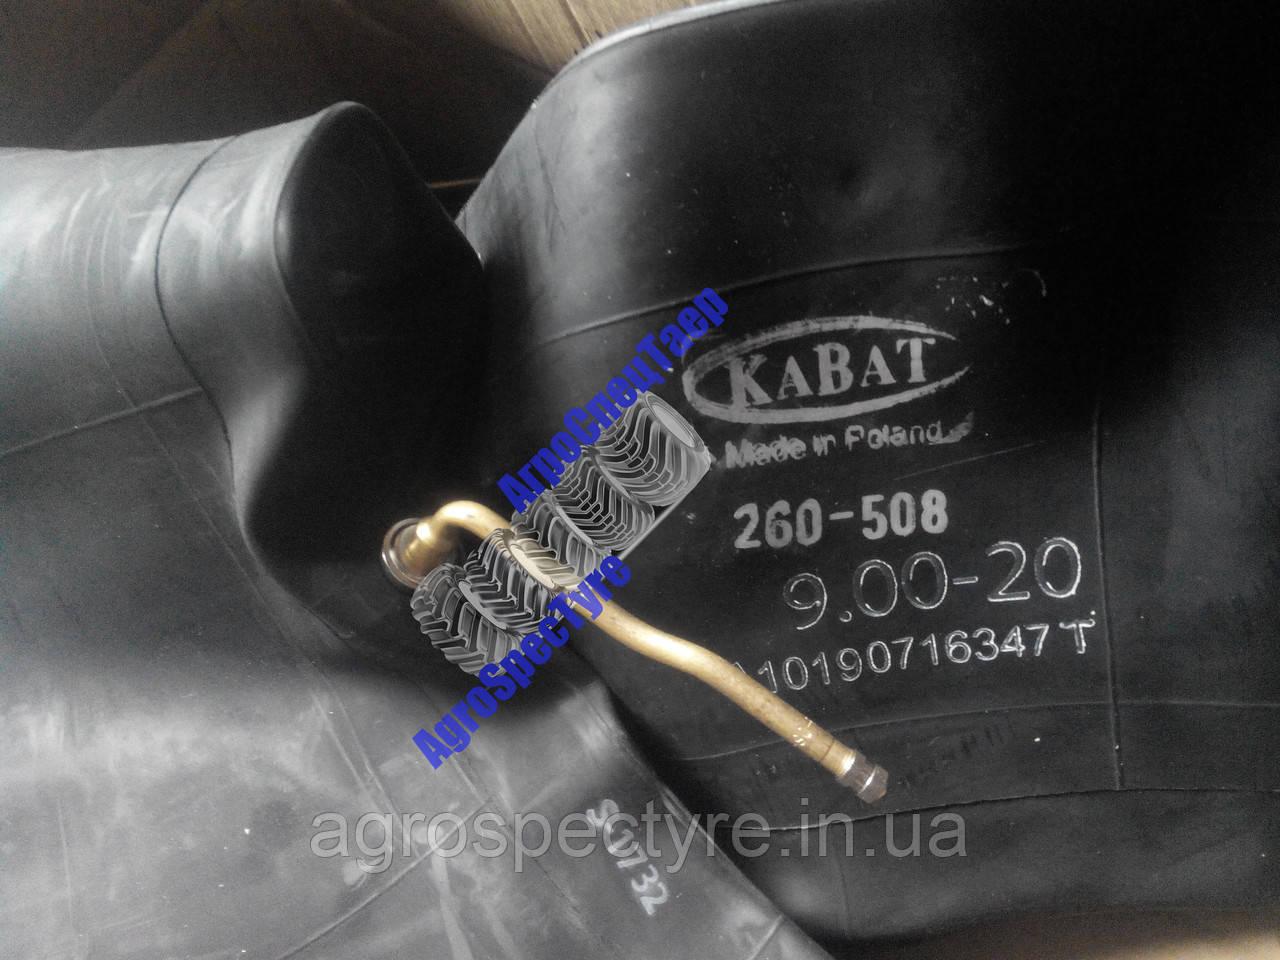 Камера 10.00-20 V3.02.11 KABAT на экскаватор